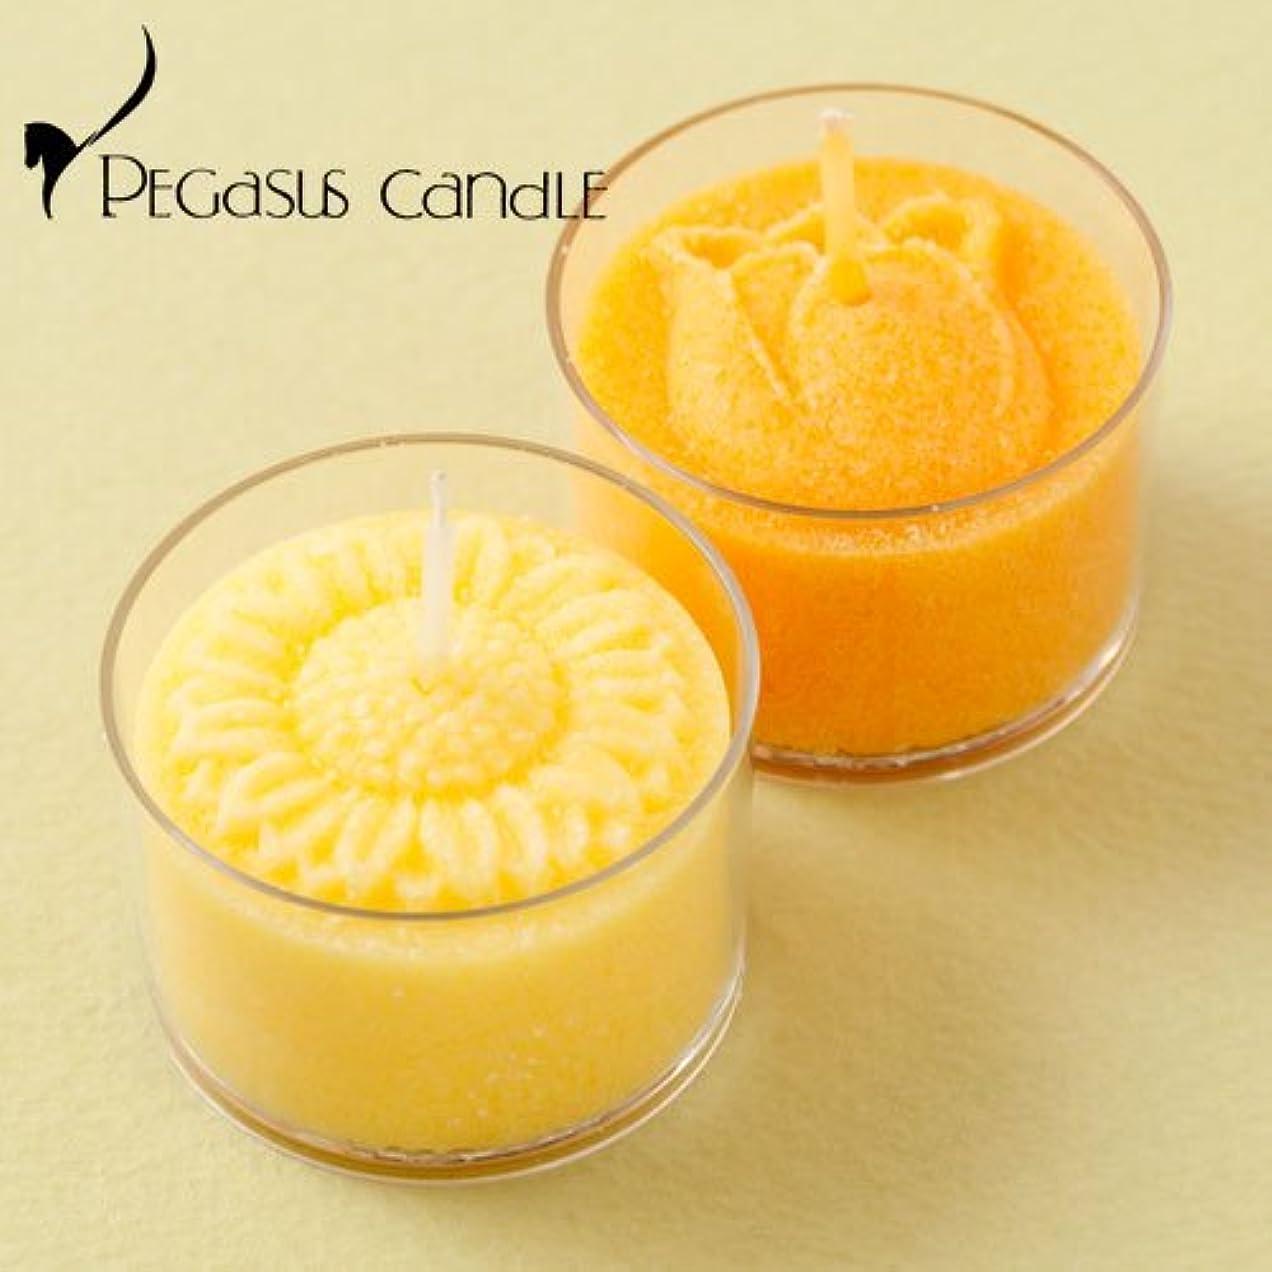 ライセンス信頼ナラーバー花暦ヒマワリ?チューリップ花の形のキャンドル2個セット(無香タイプ)ペガサスキャンドルFlower shaped candle